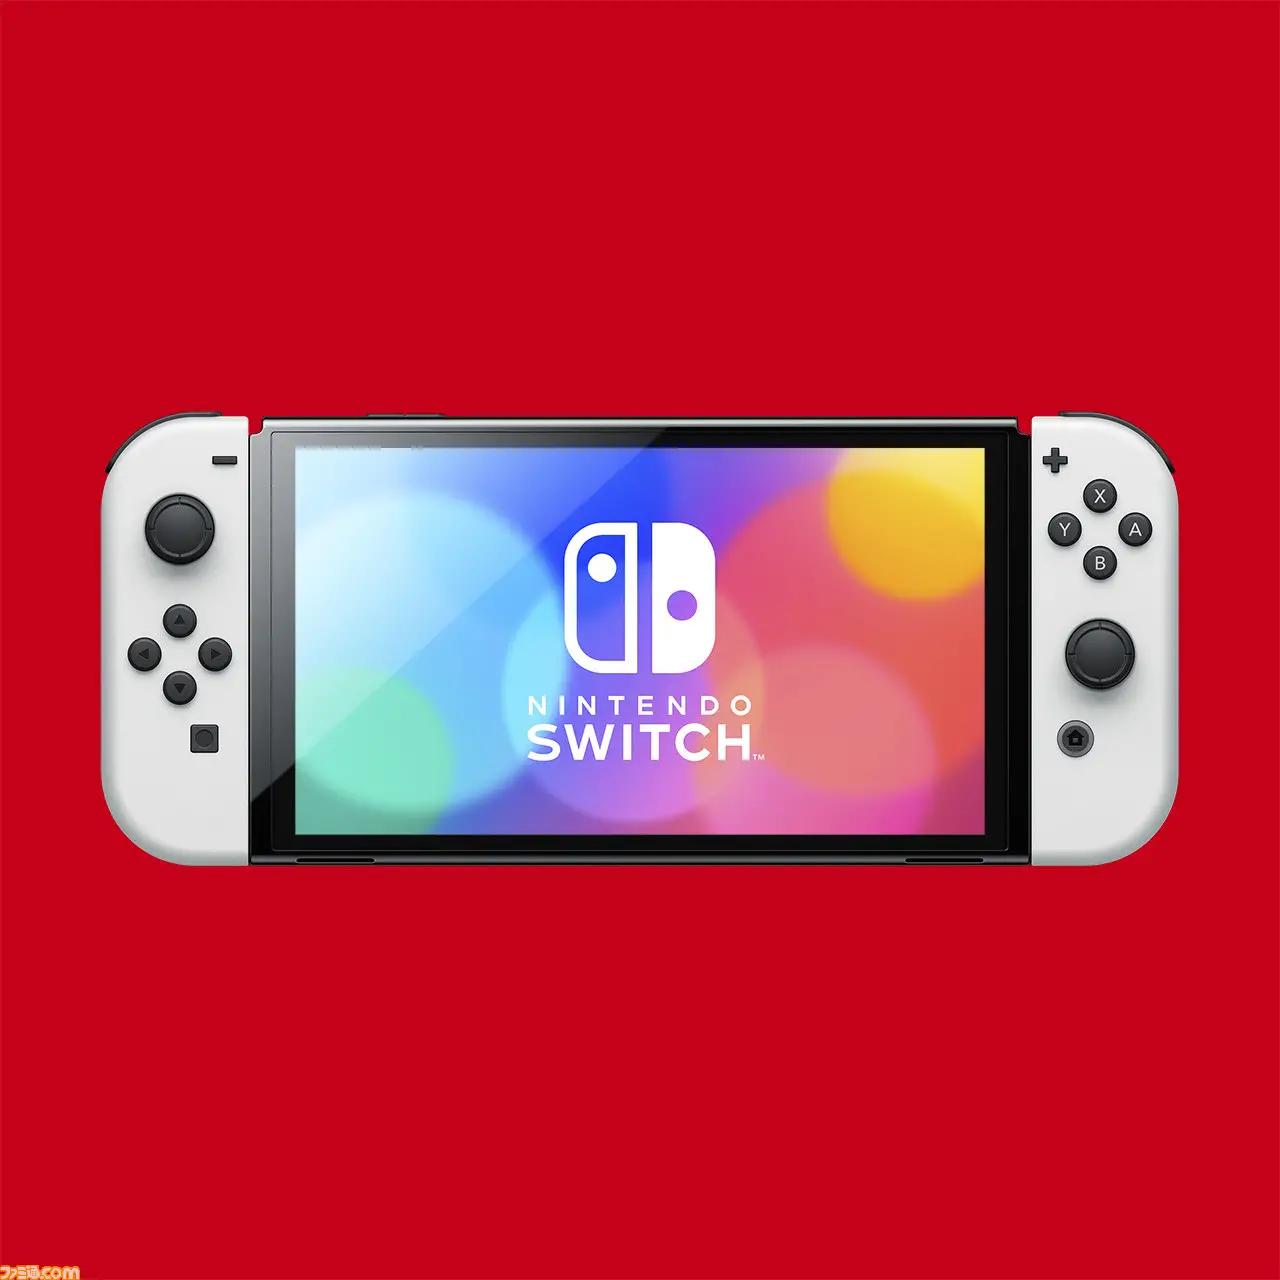 新型Nintendo Switch発表、有機ELディスプレイを搭載